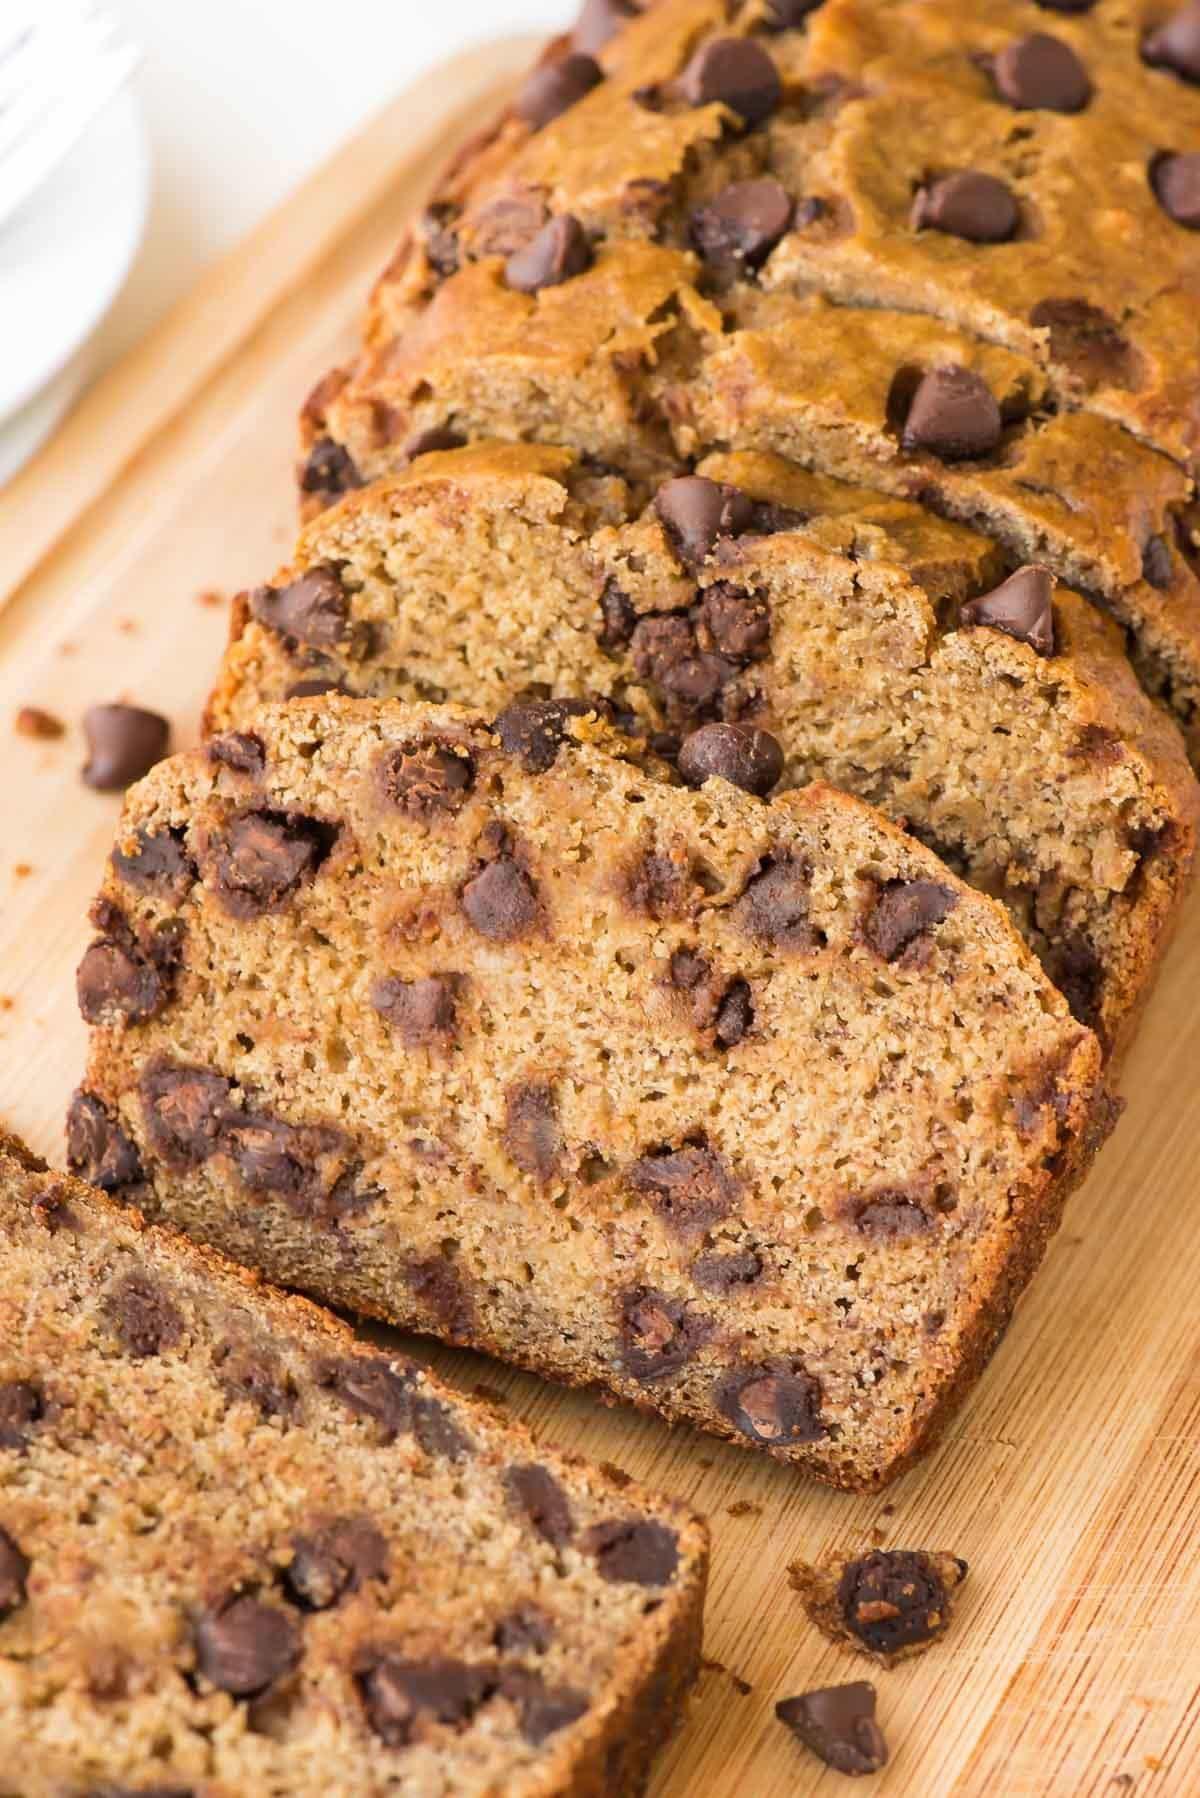 Banana Bread Healthy  Healthy Banana Bread Recipe with Chocolate Chips